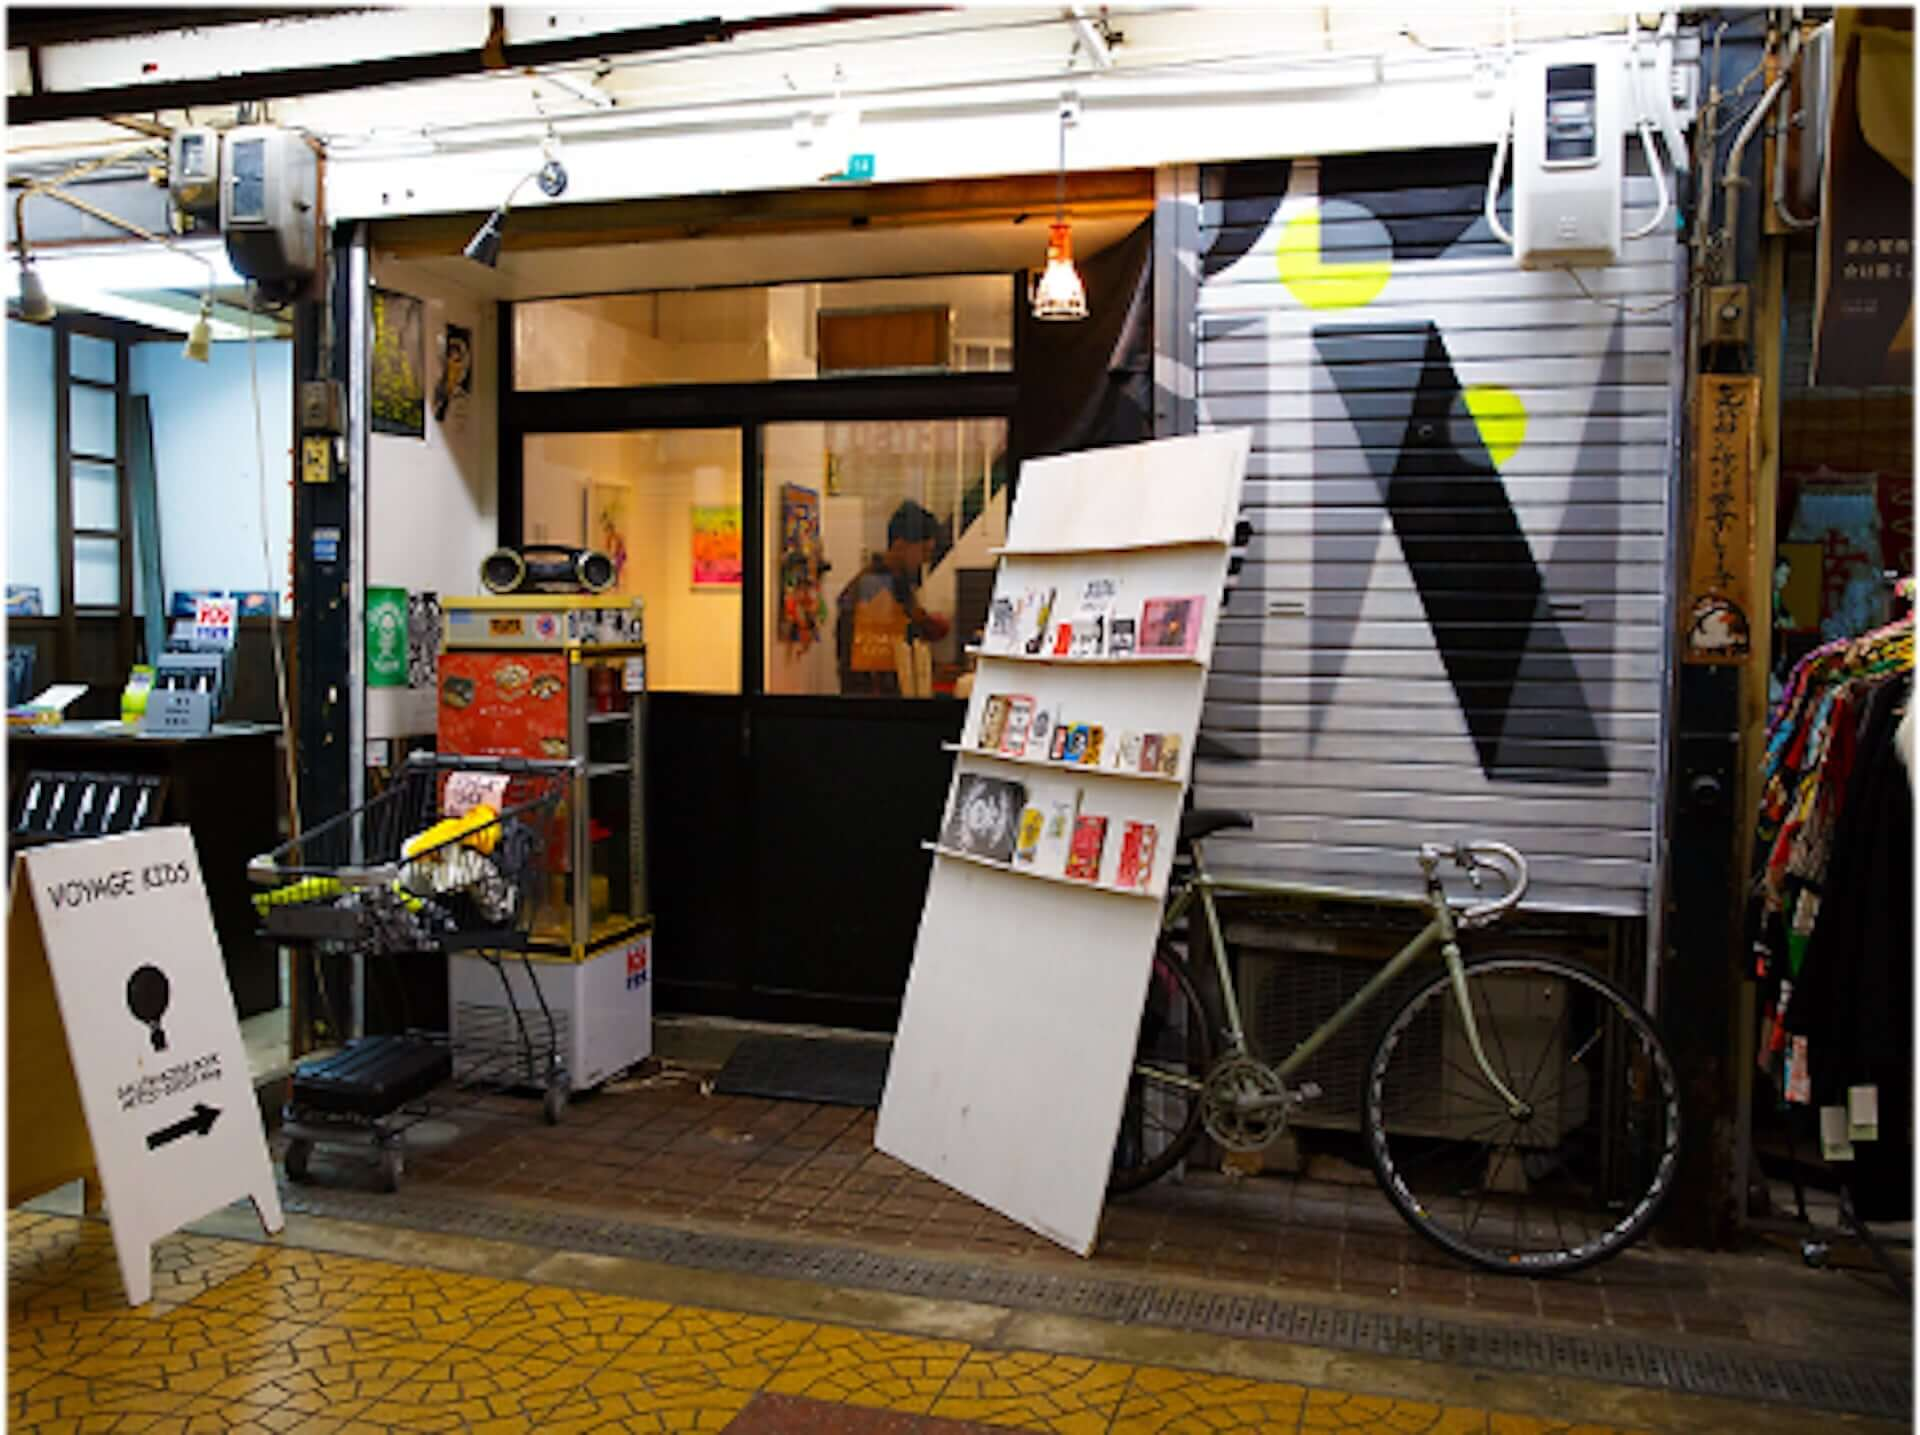 心斎橋PARCOにレコードやインテリア、キャンドルなど注目アイテムが集結!オープニング企画<SINSAIBASI PARK MARKET>の出店者を一挙紹介 art201201_shinsaibashi-park-market_4-1920x1435